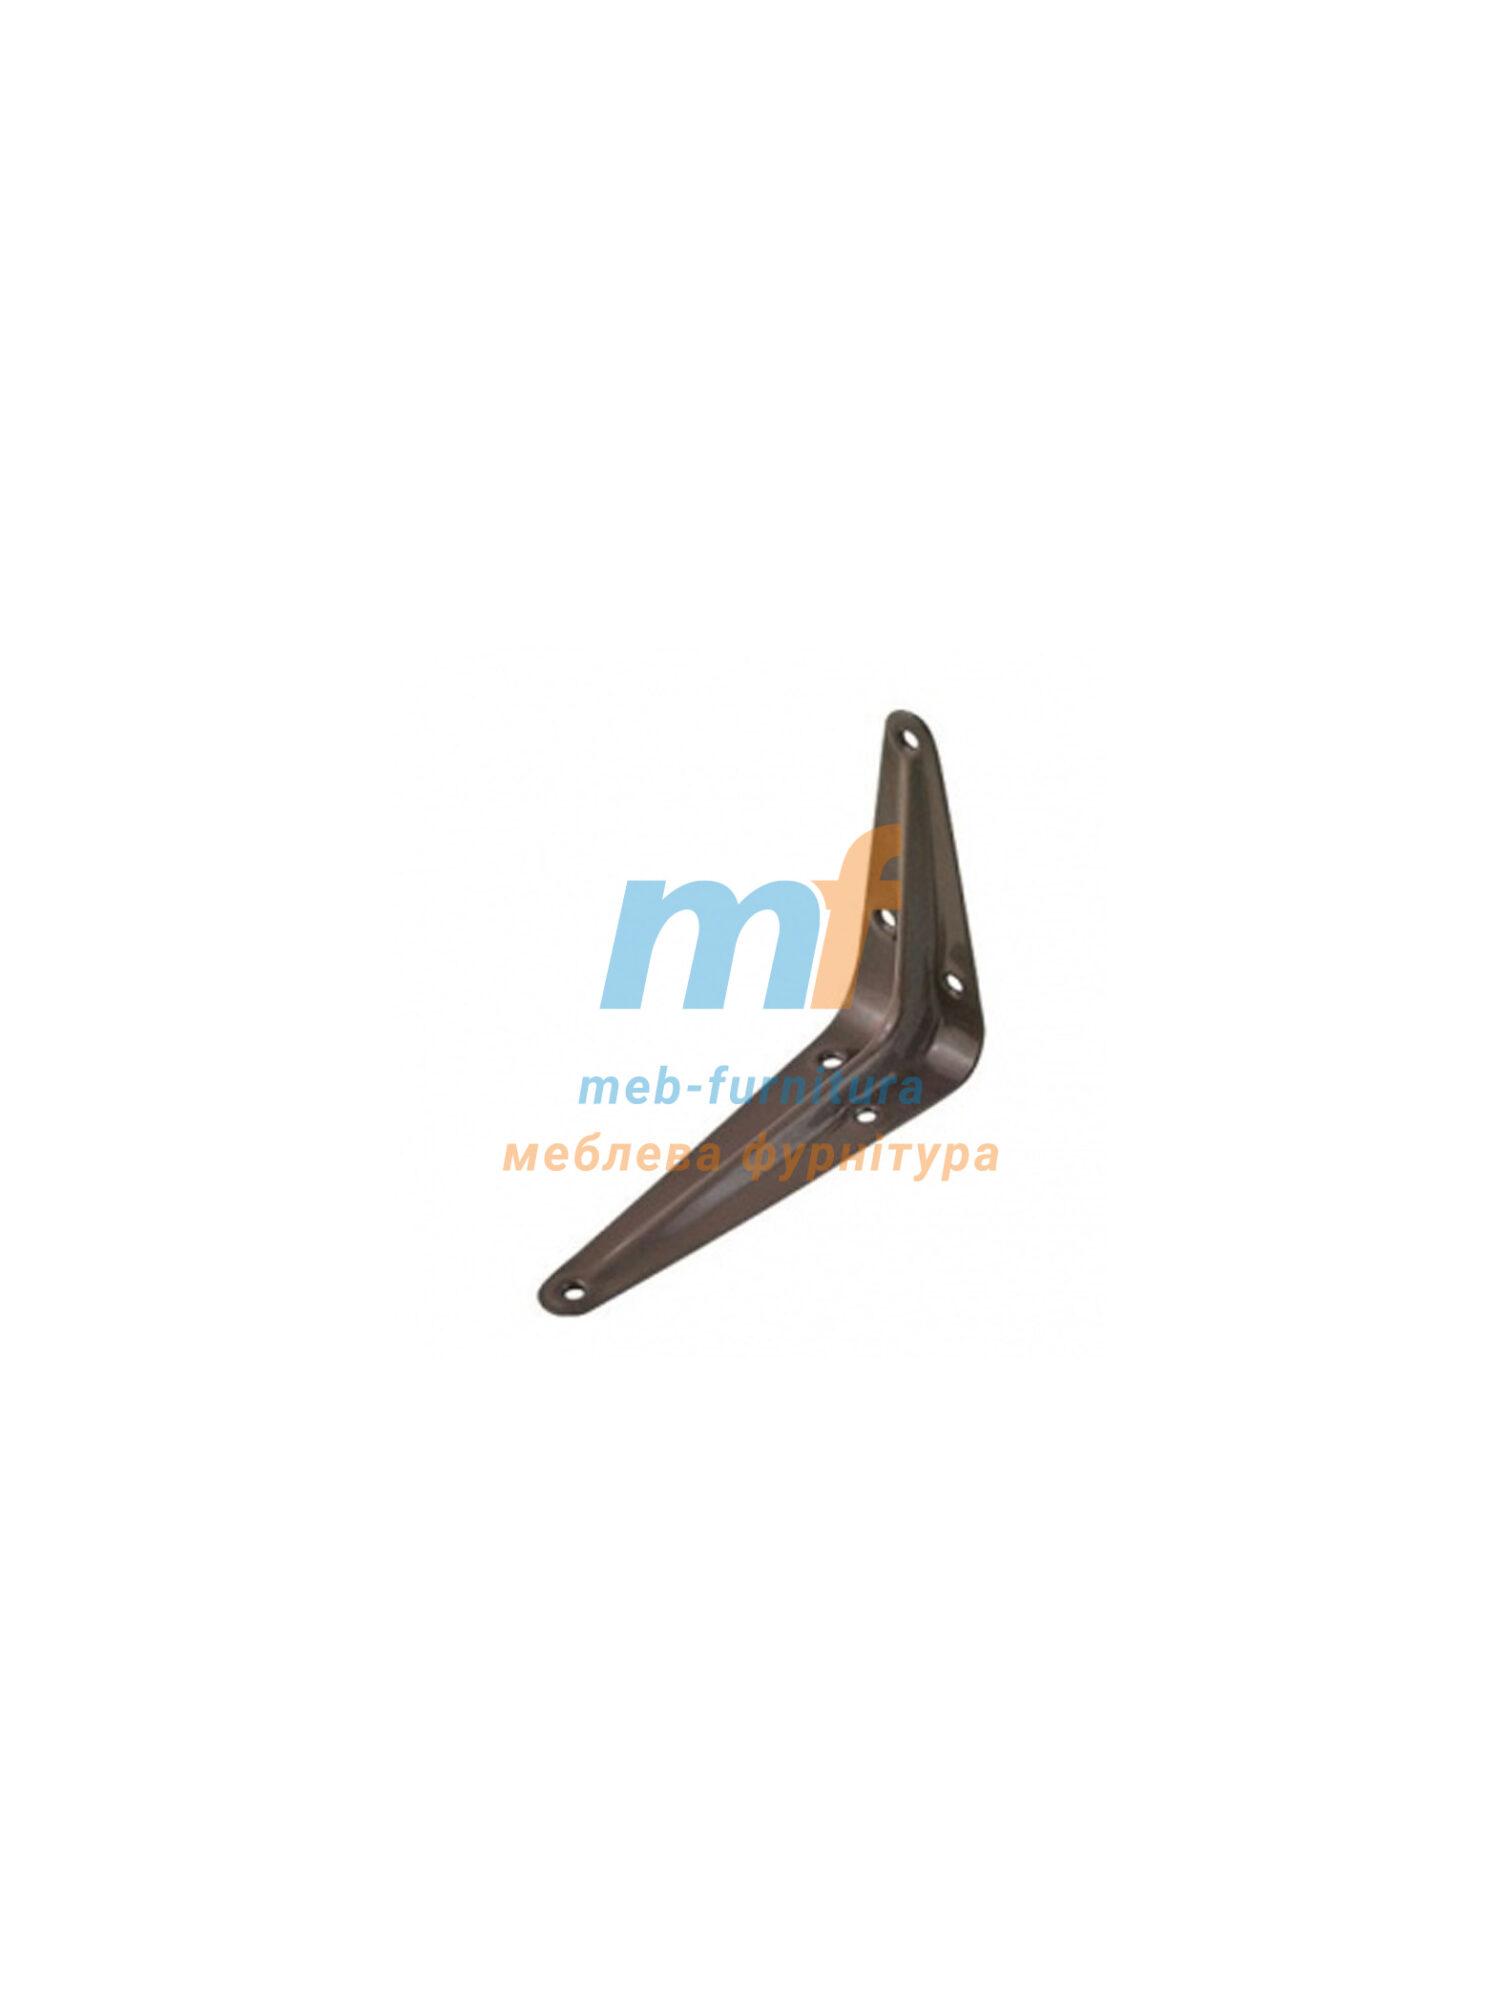 Консоль-полкодержатель металлический (12х14) 300х350мм коричневый Польша